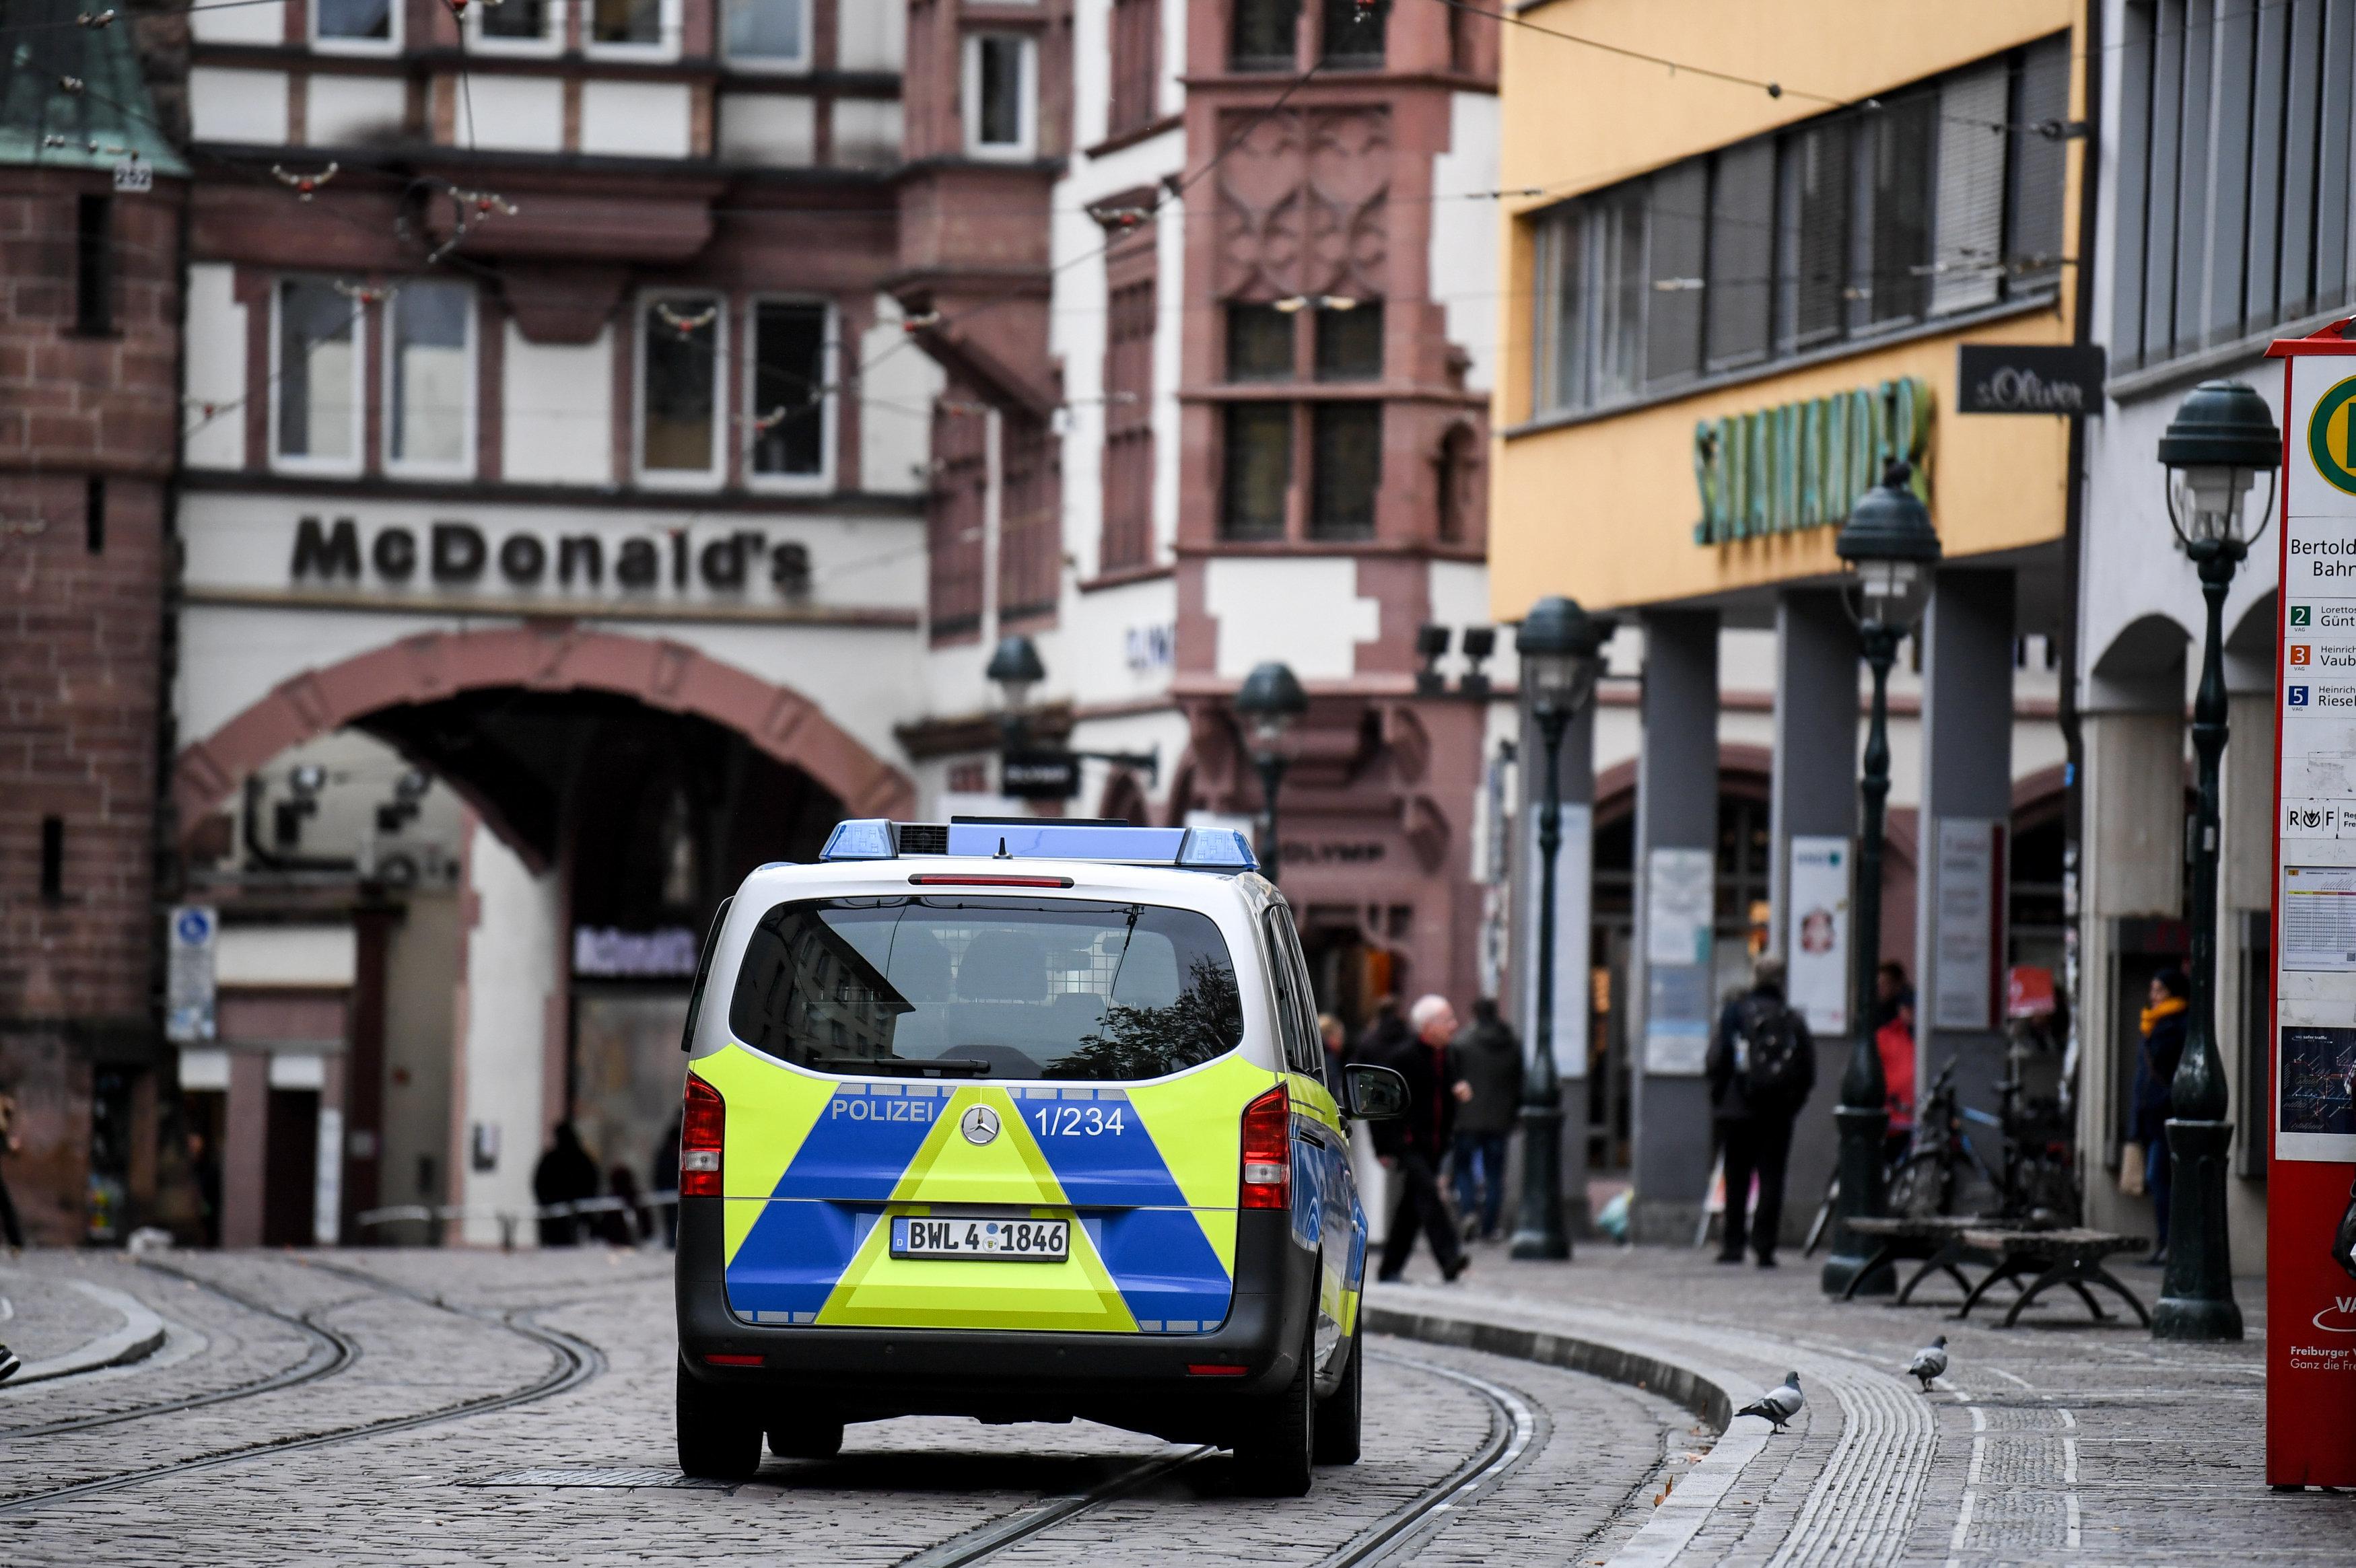 Vergewaltigung in Freiburg: Polizei geht gegen Fake-News über AfD-Demo